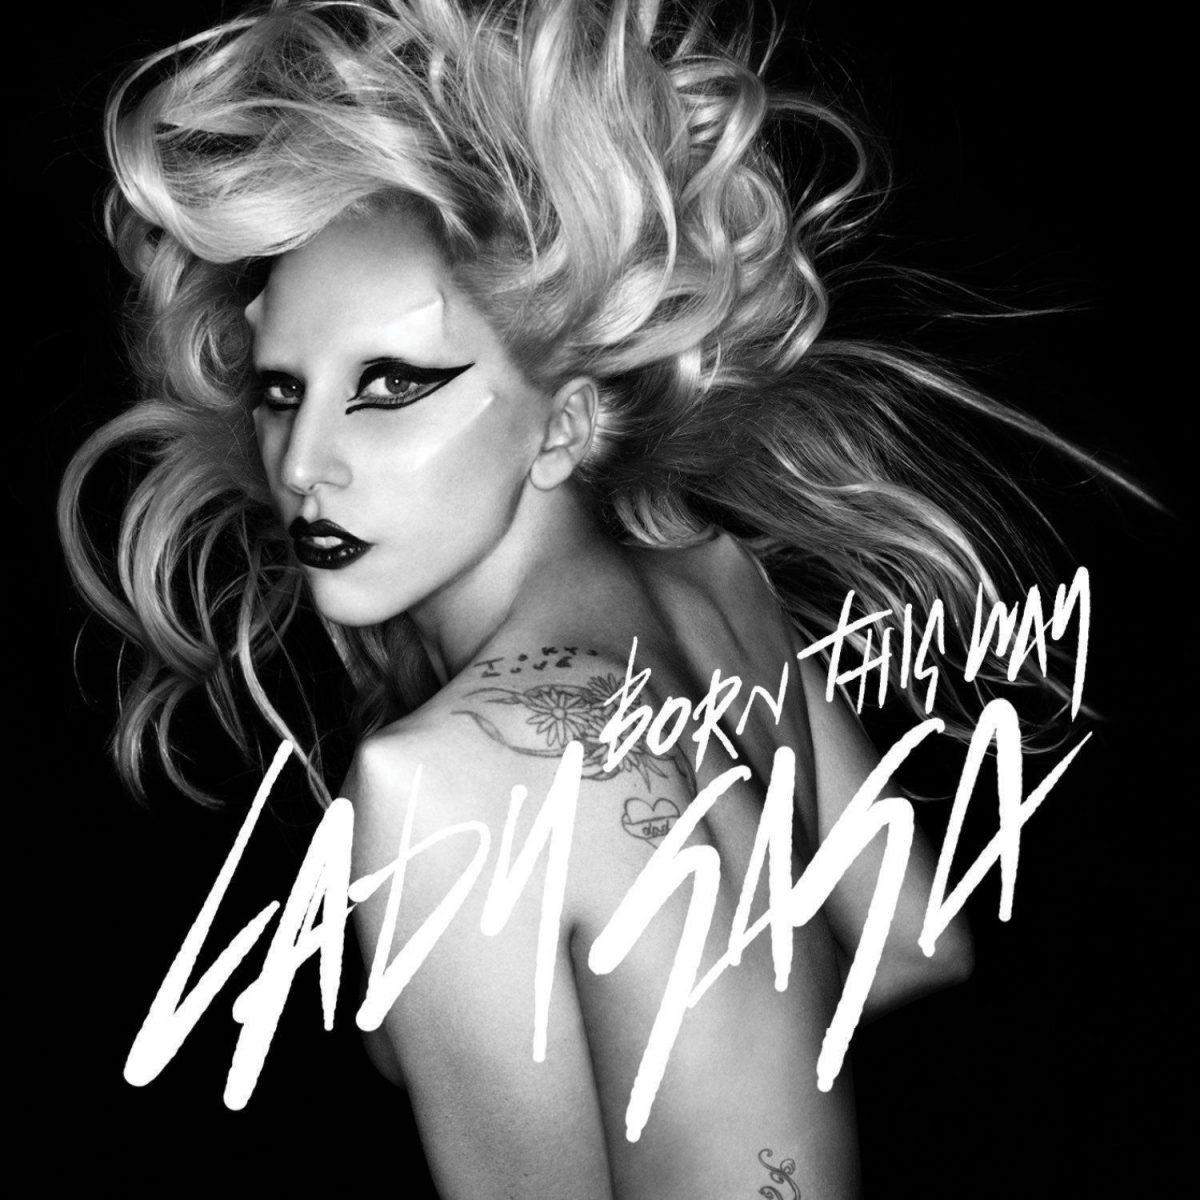 Lady Gaga 10 Anni Born This Way